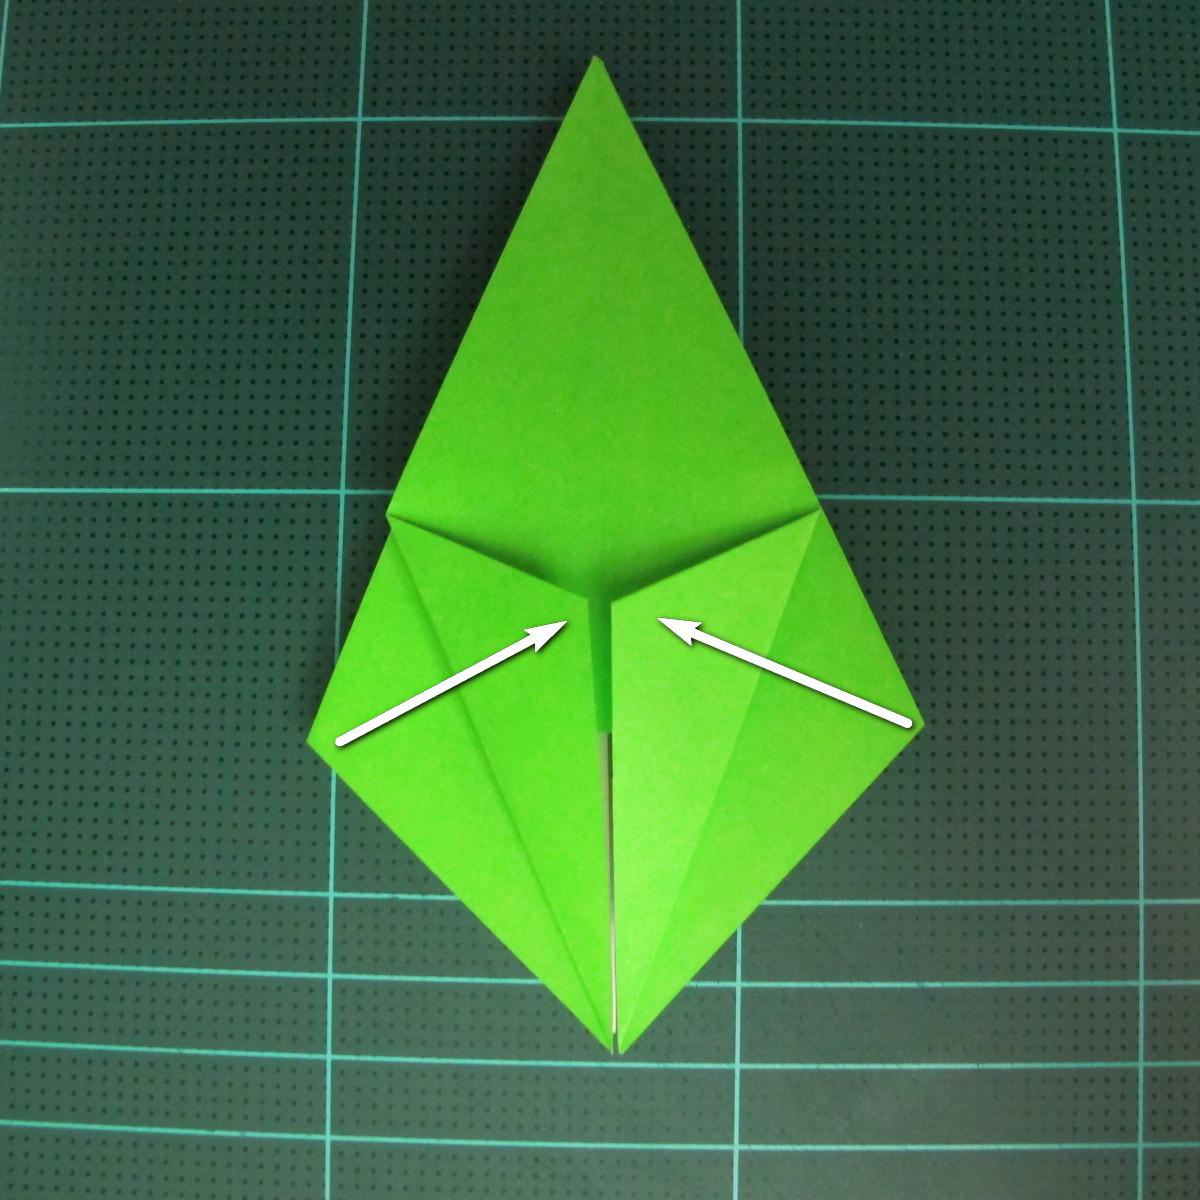 วิธีพับกระดาษเป็นจรวด X-WING สตาร์วอร์ (Origami X-WING) 014